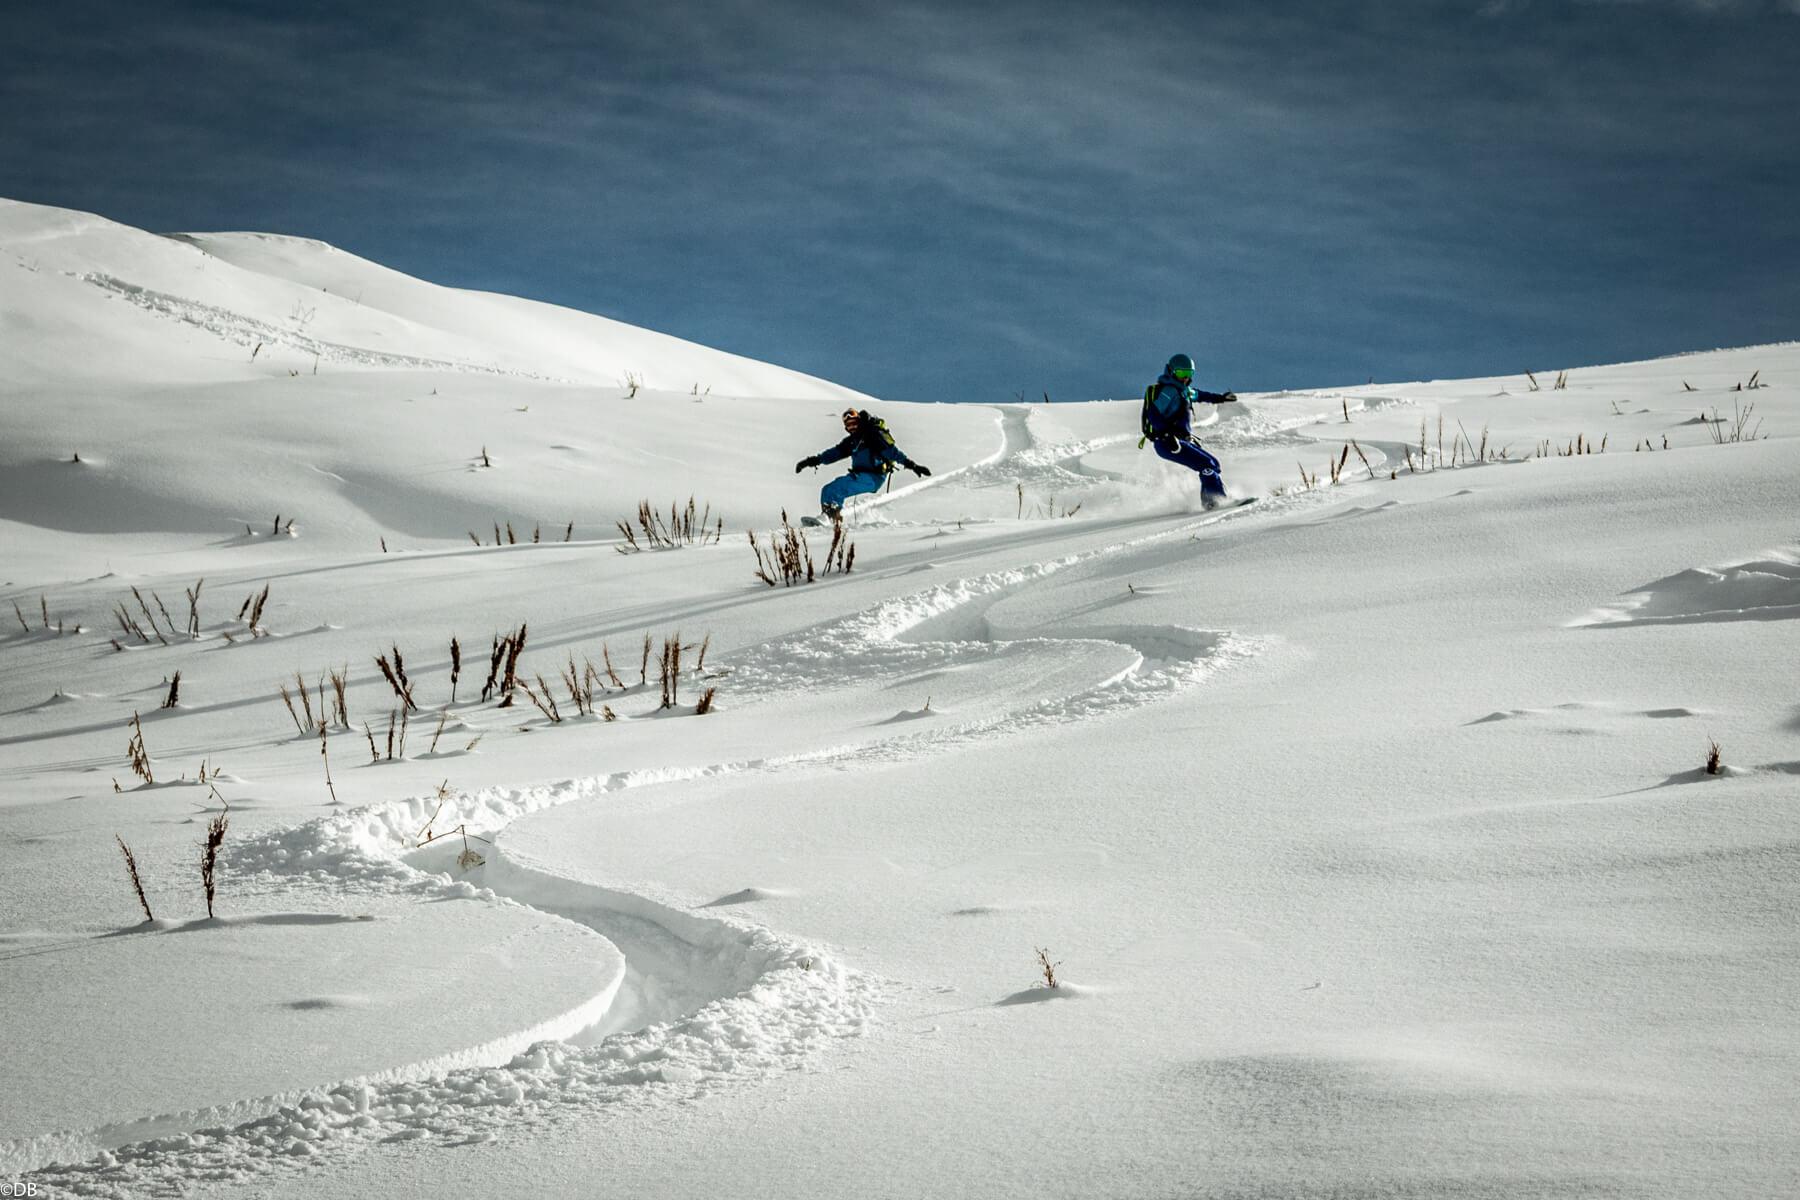 Powsurf en neige poudreuse